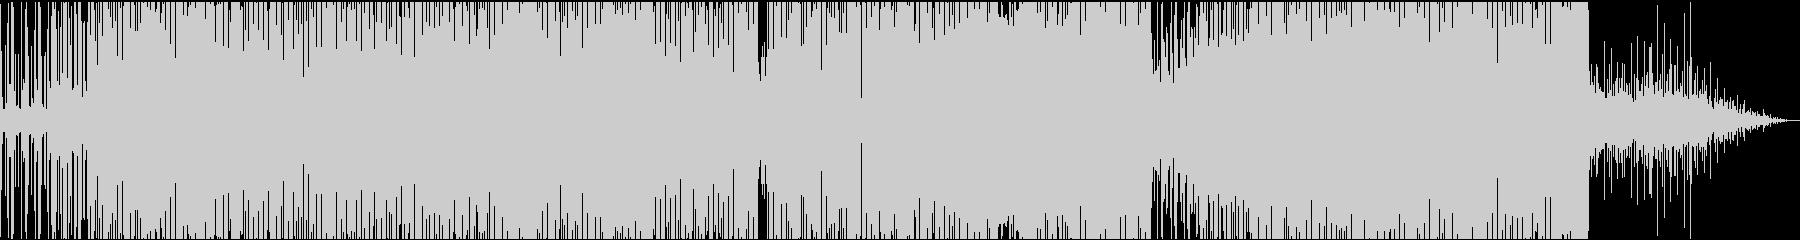 ヒップホップ風の派手なジャジーポップの未再生の波形